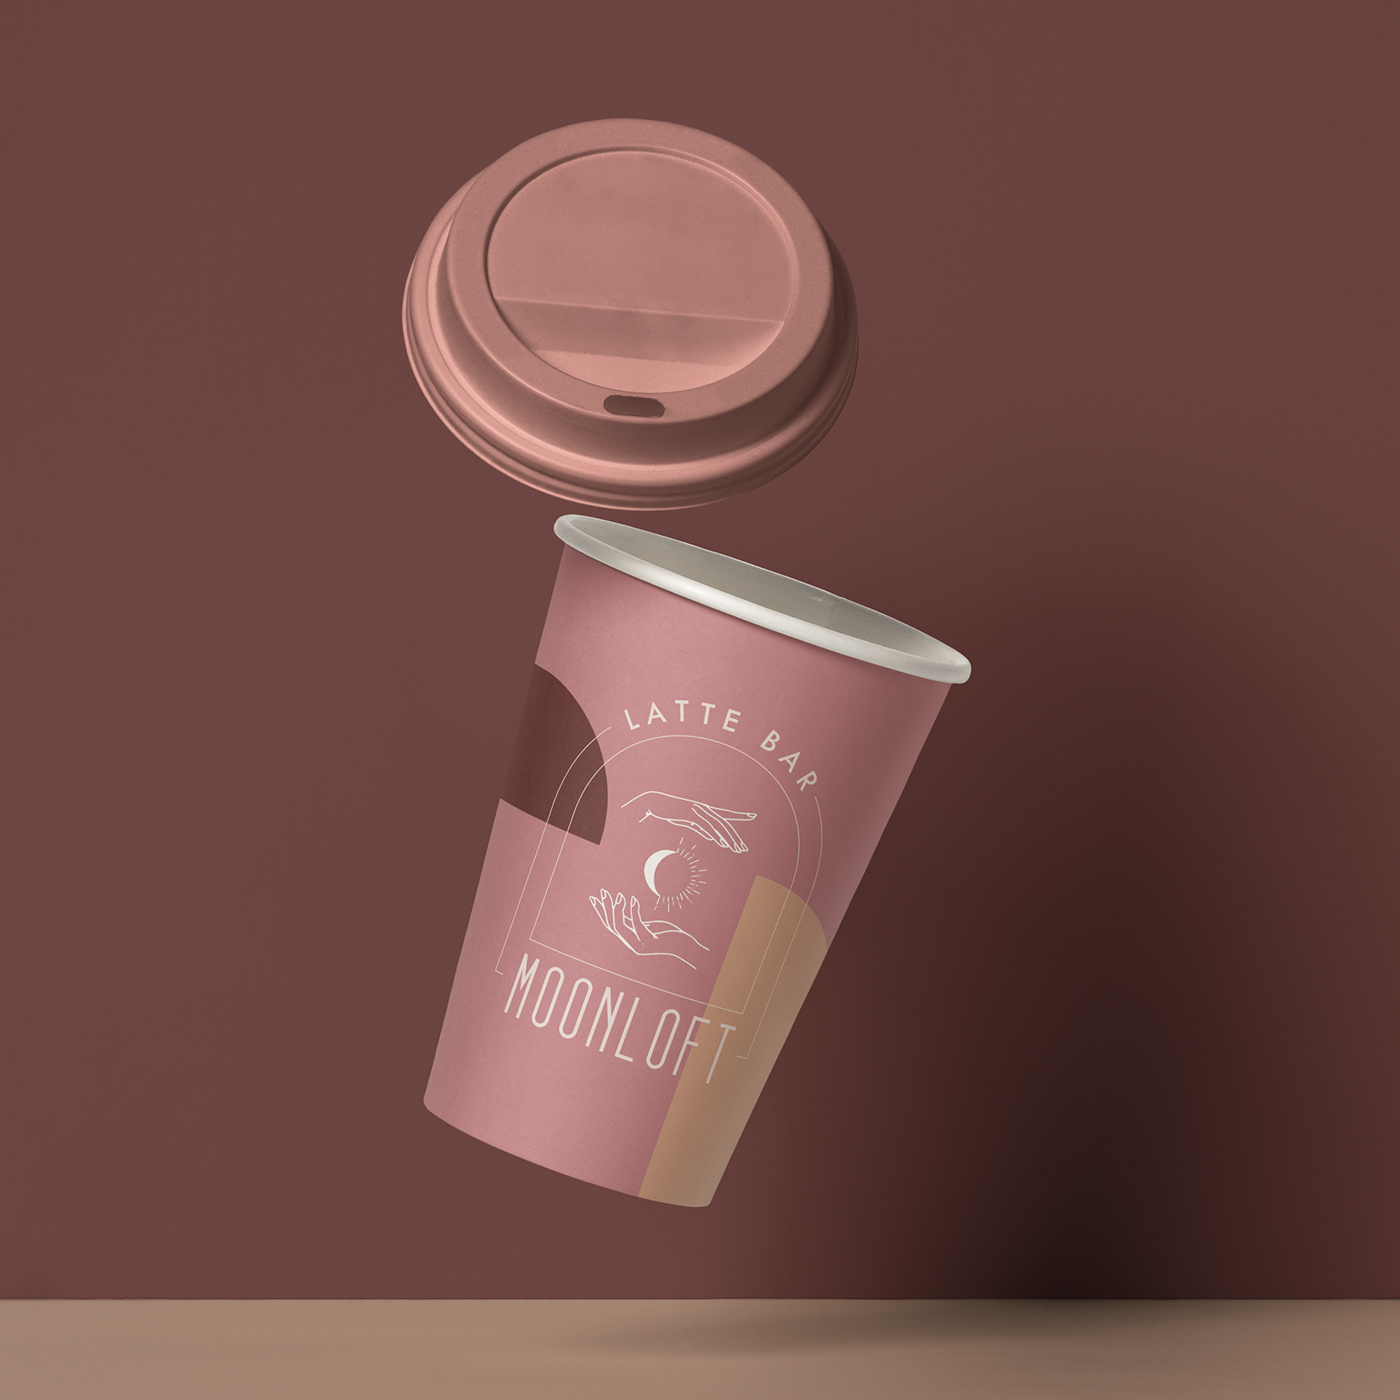 branding  Coffee coffee cup latte bar Packaging